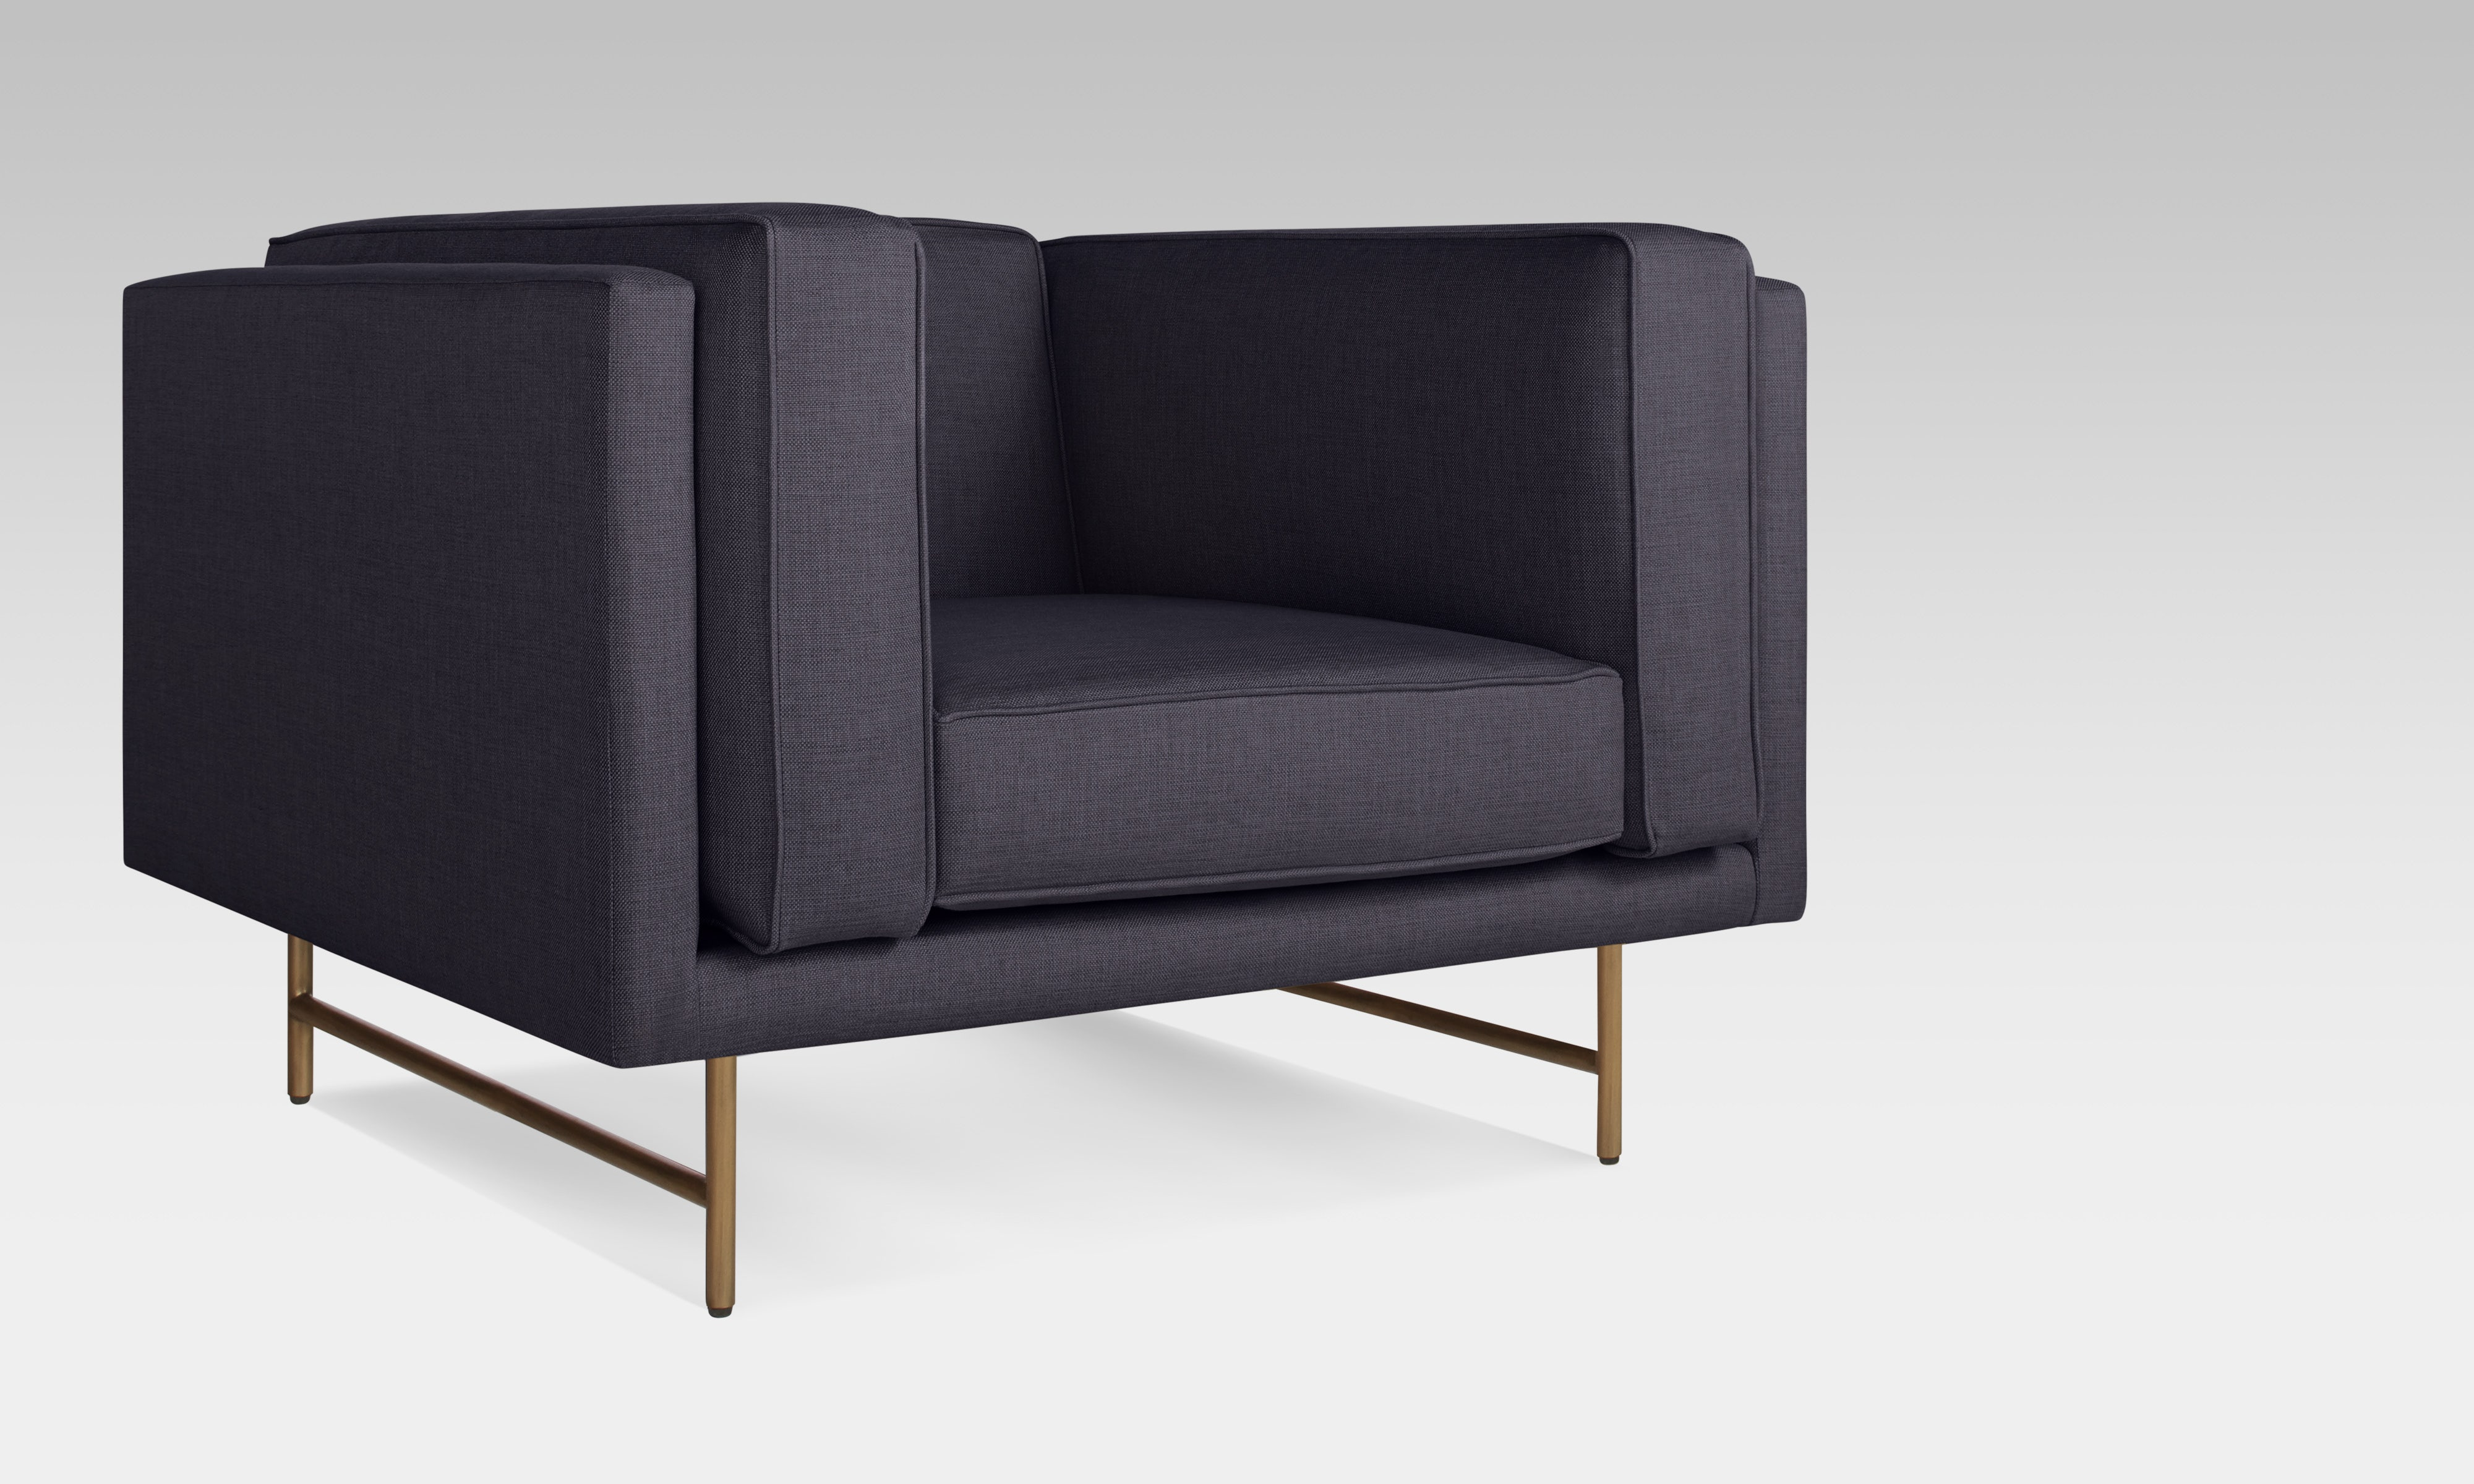 Bank Lounge Chair by Blu Dot